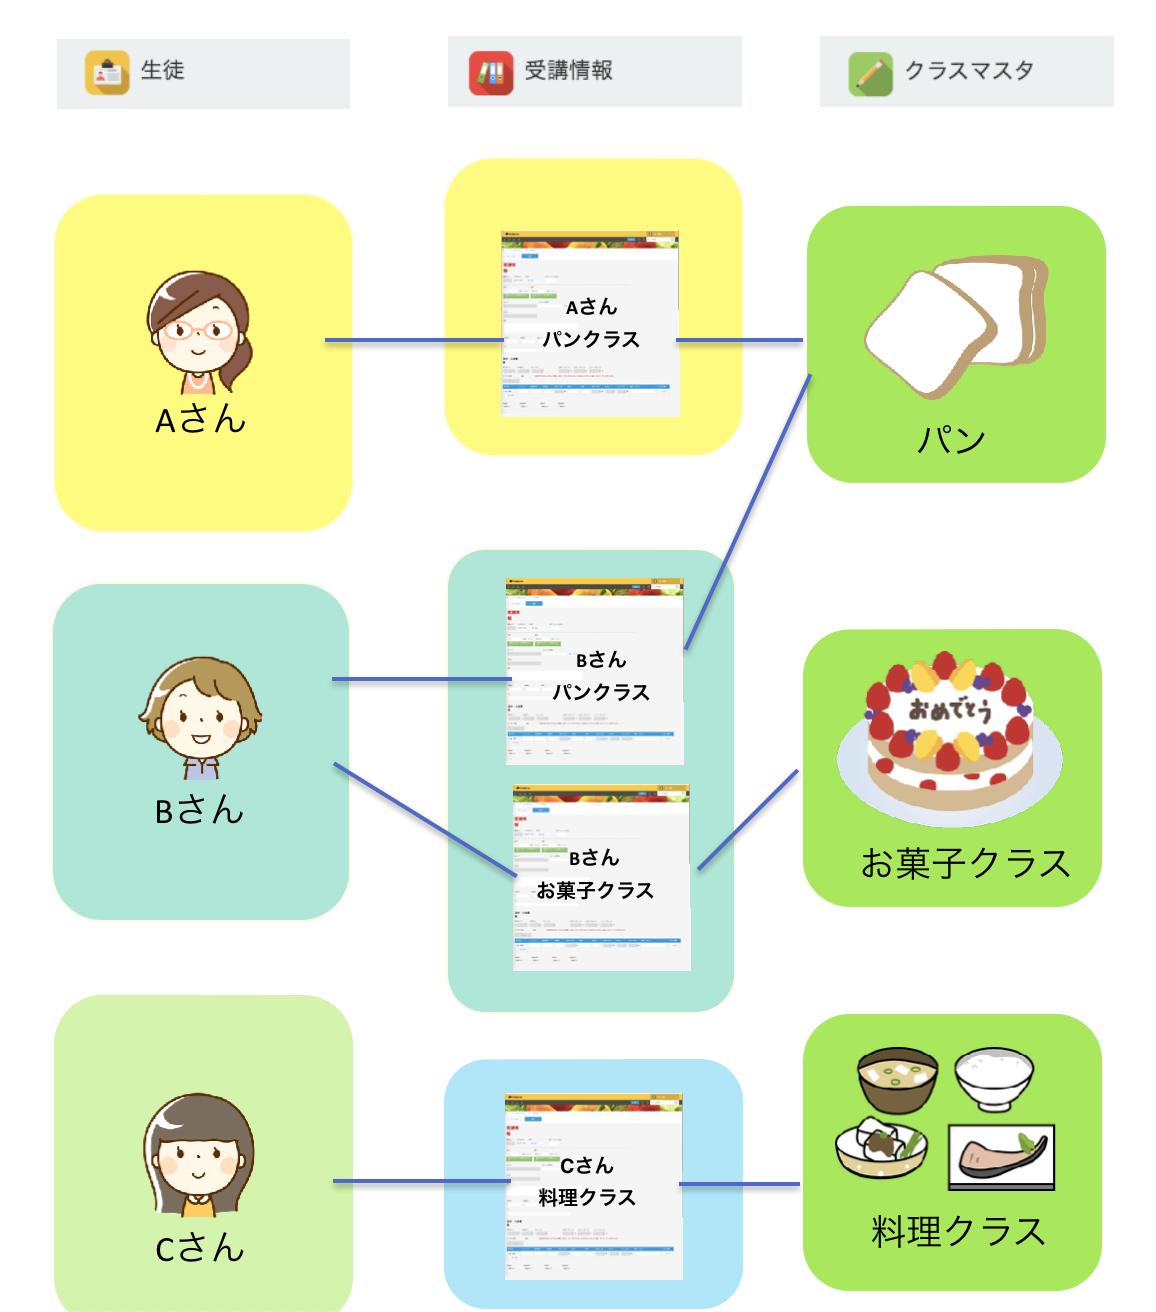 申込受付後の入力作業「受講情報」アプリの役割